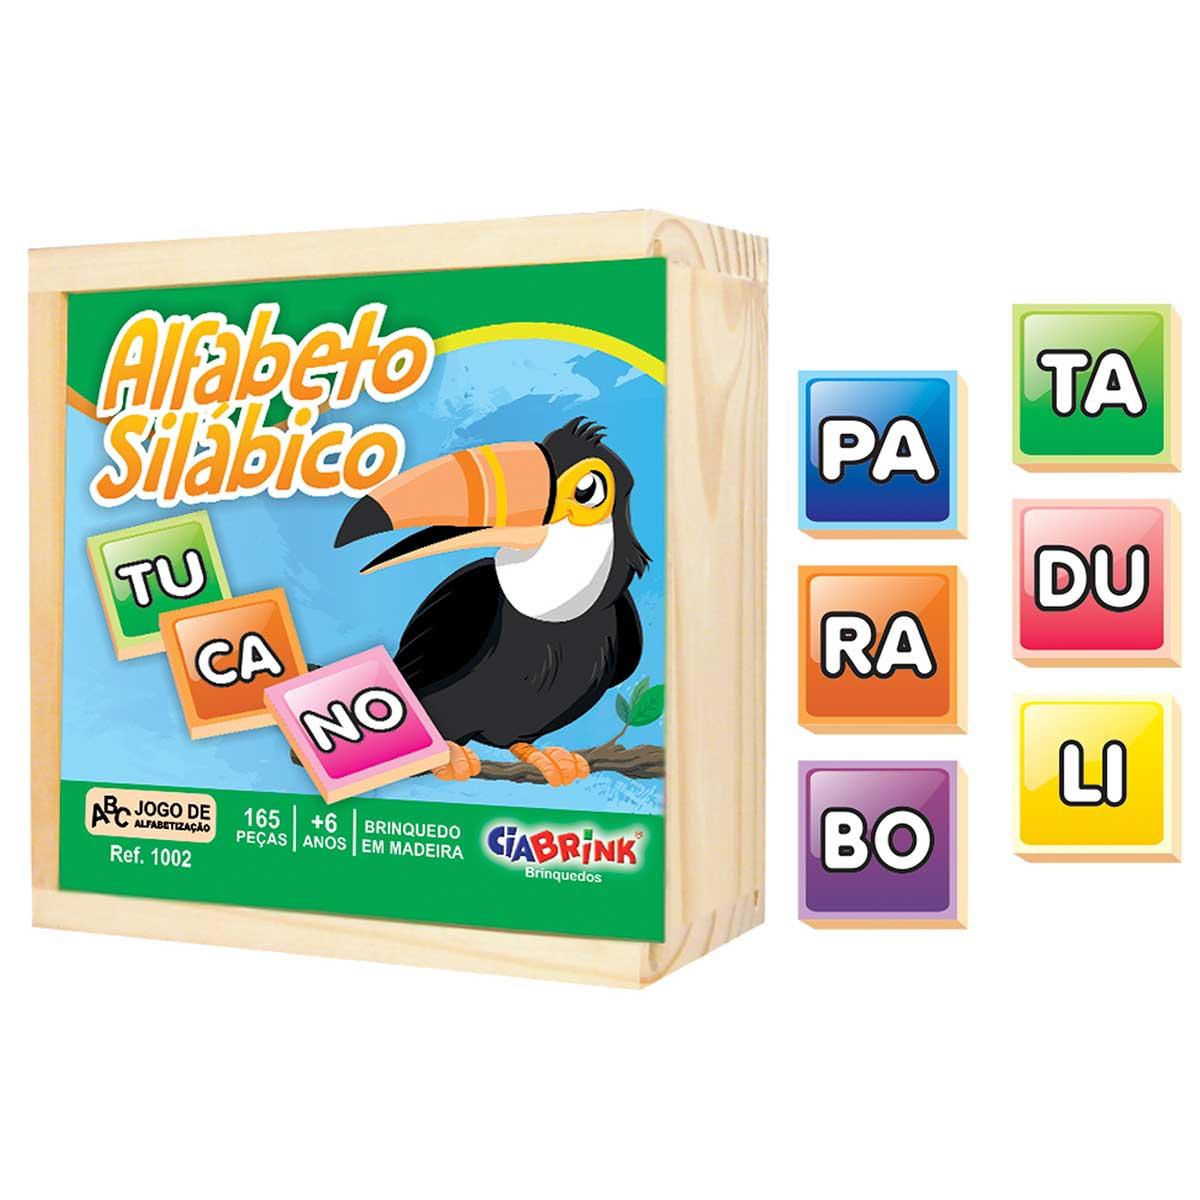 Jogo da Memória Alfabeto Caixa de Madeira 165 Pças CiaBrink